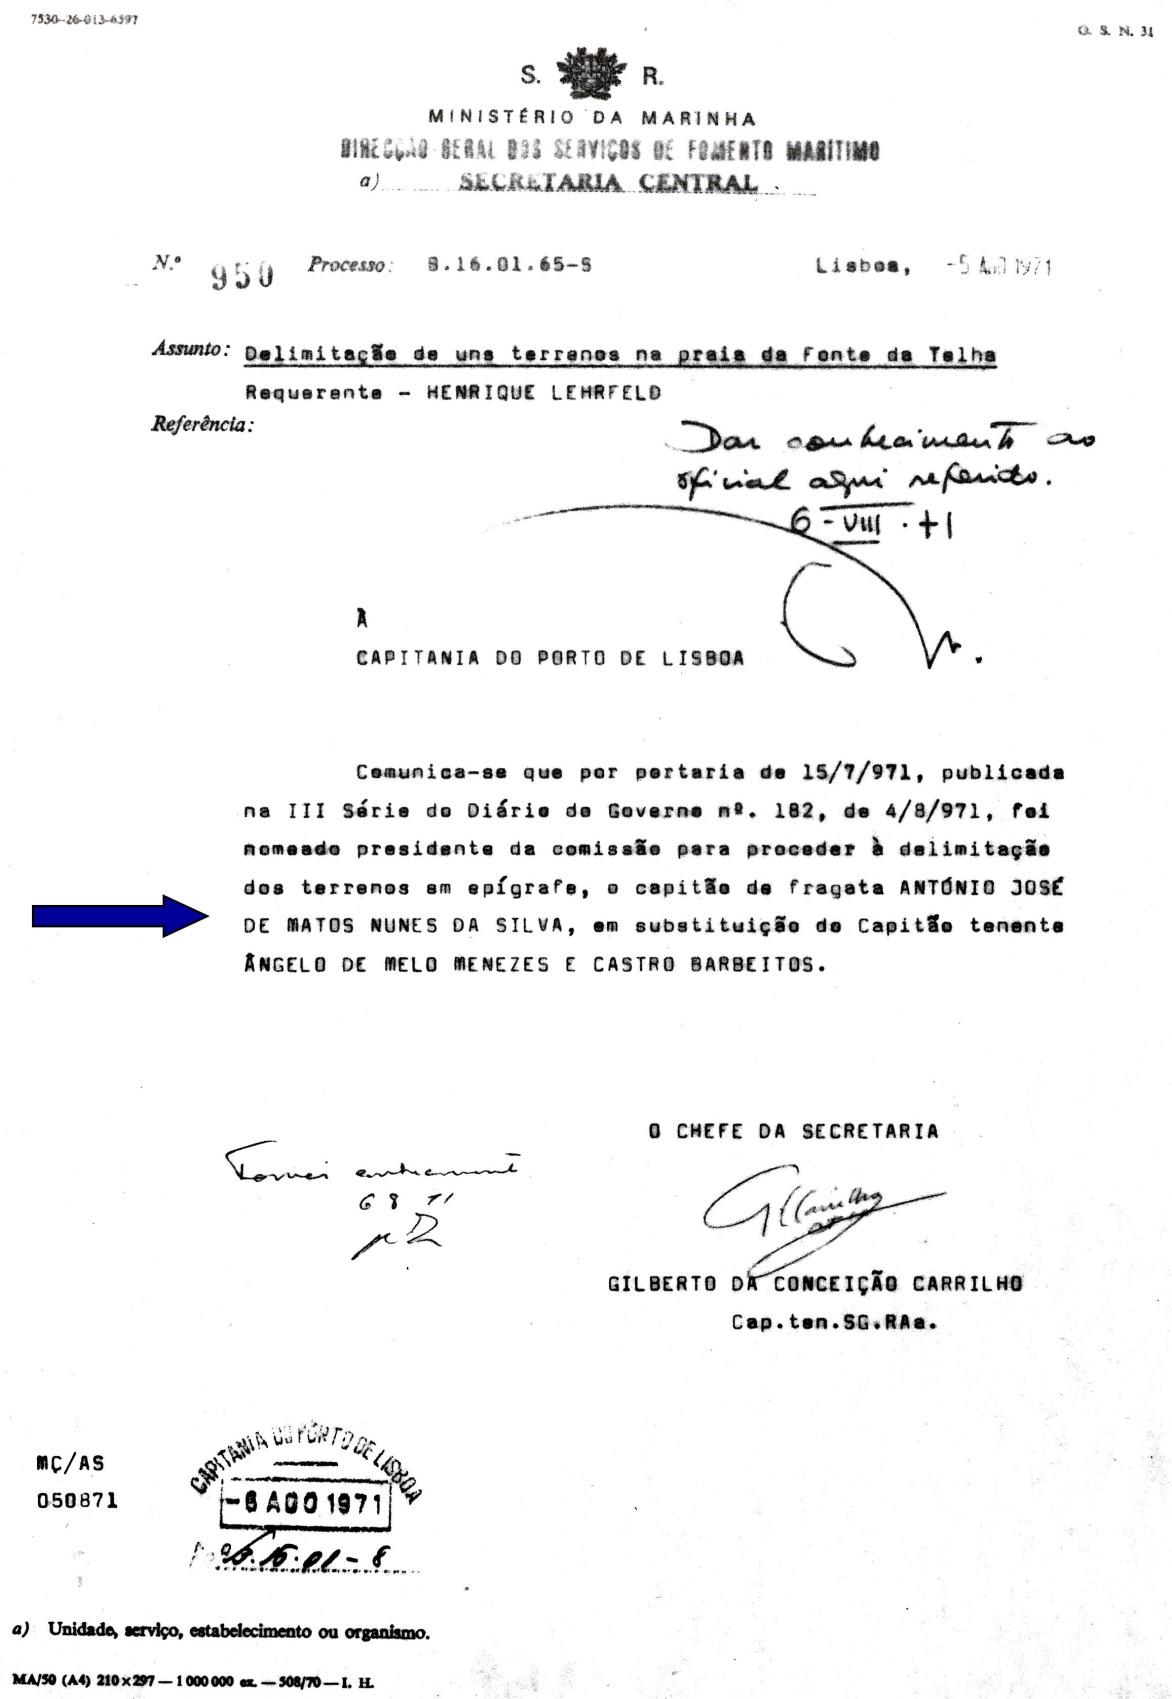 00575 971-08-04 Presidente de comissão de delimitação de terrenos do Domínio Público Marítimo -Port de 15-7-1971